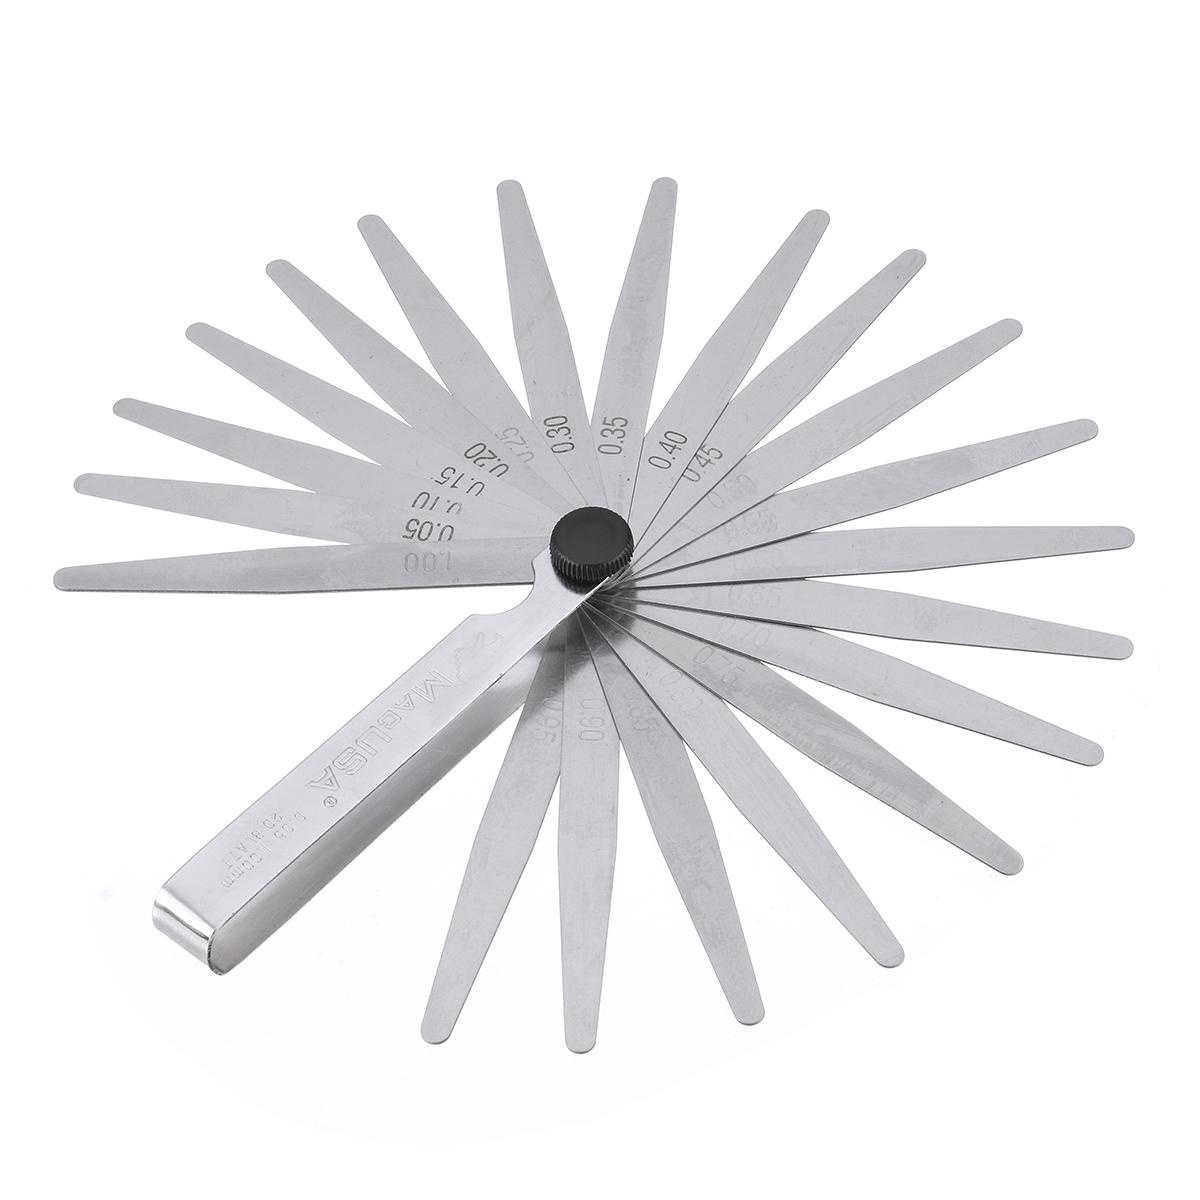 Drillpro 20 Blade Feeler Metric Gauge 0.05 to 1.0mm Thi